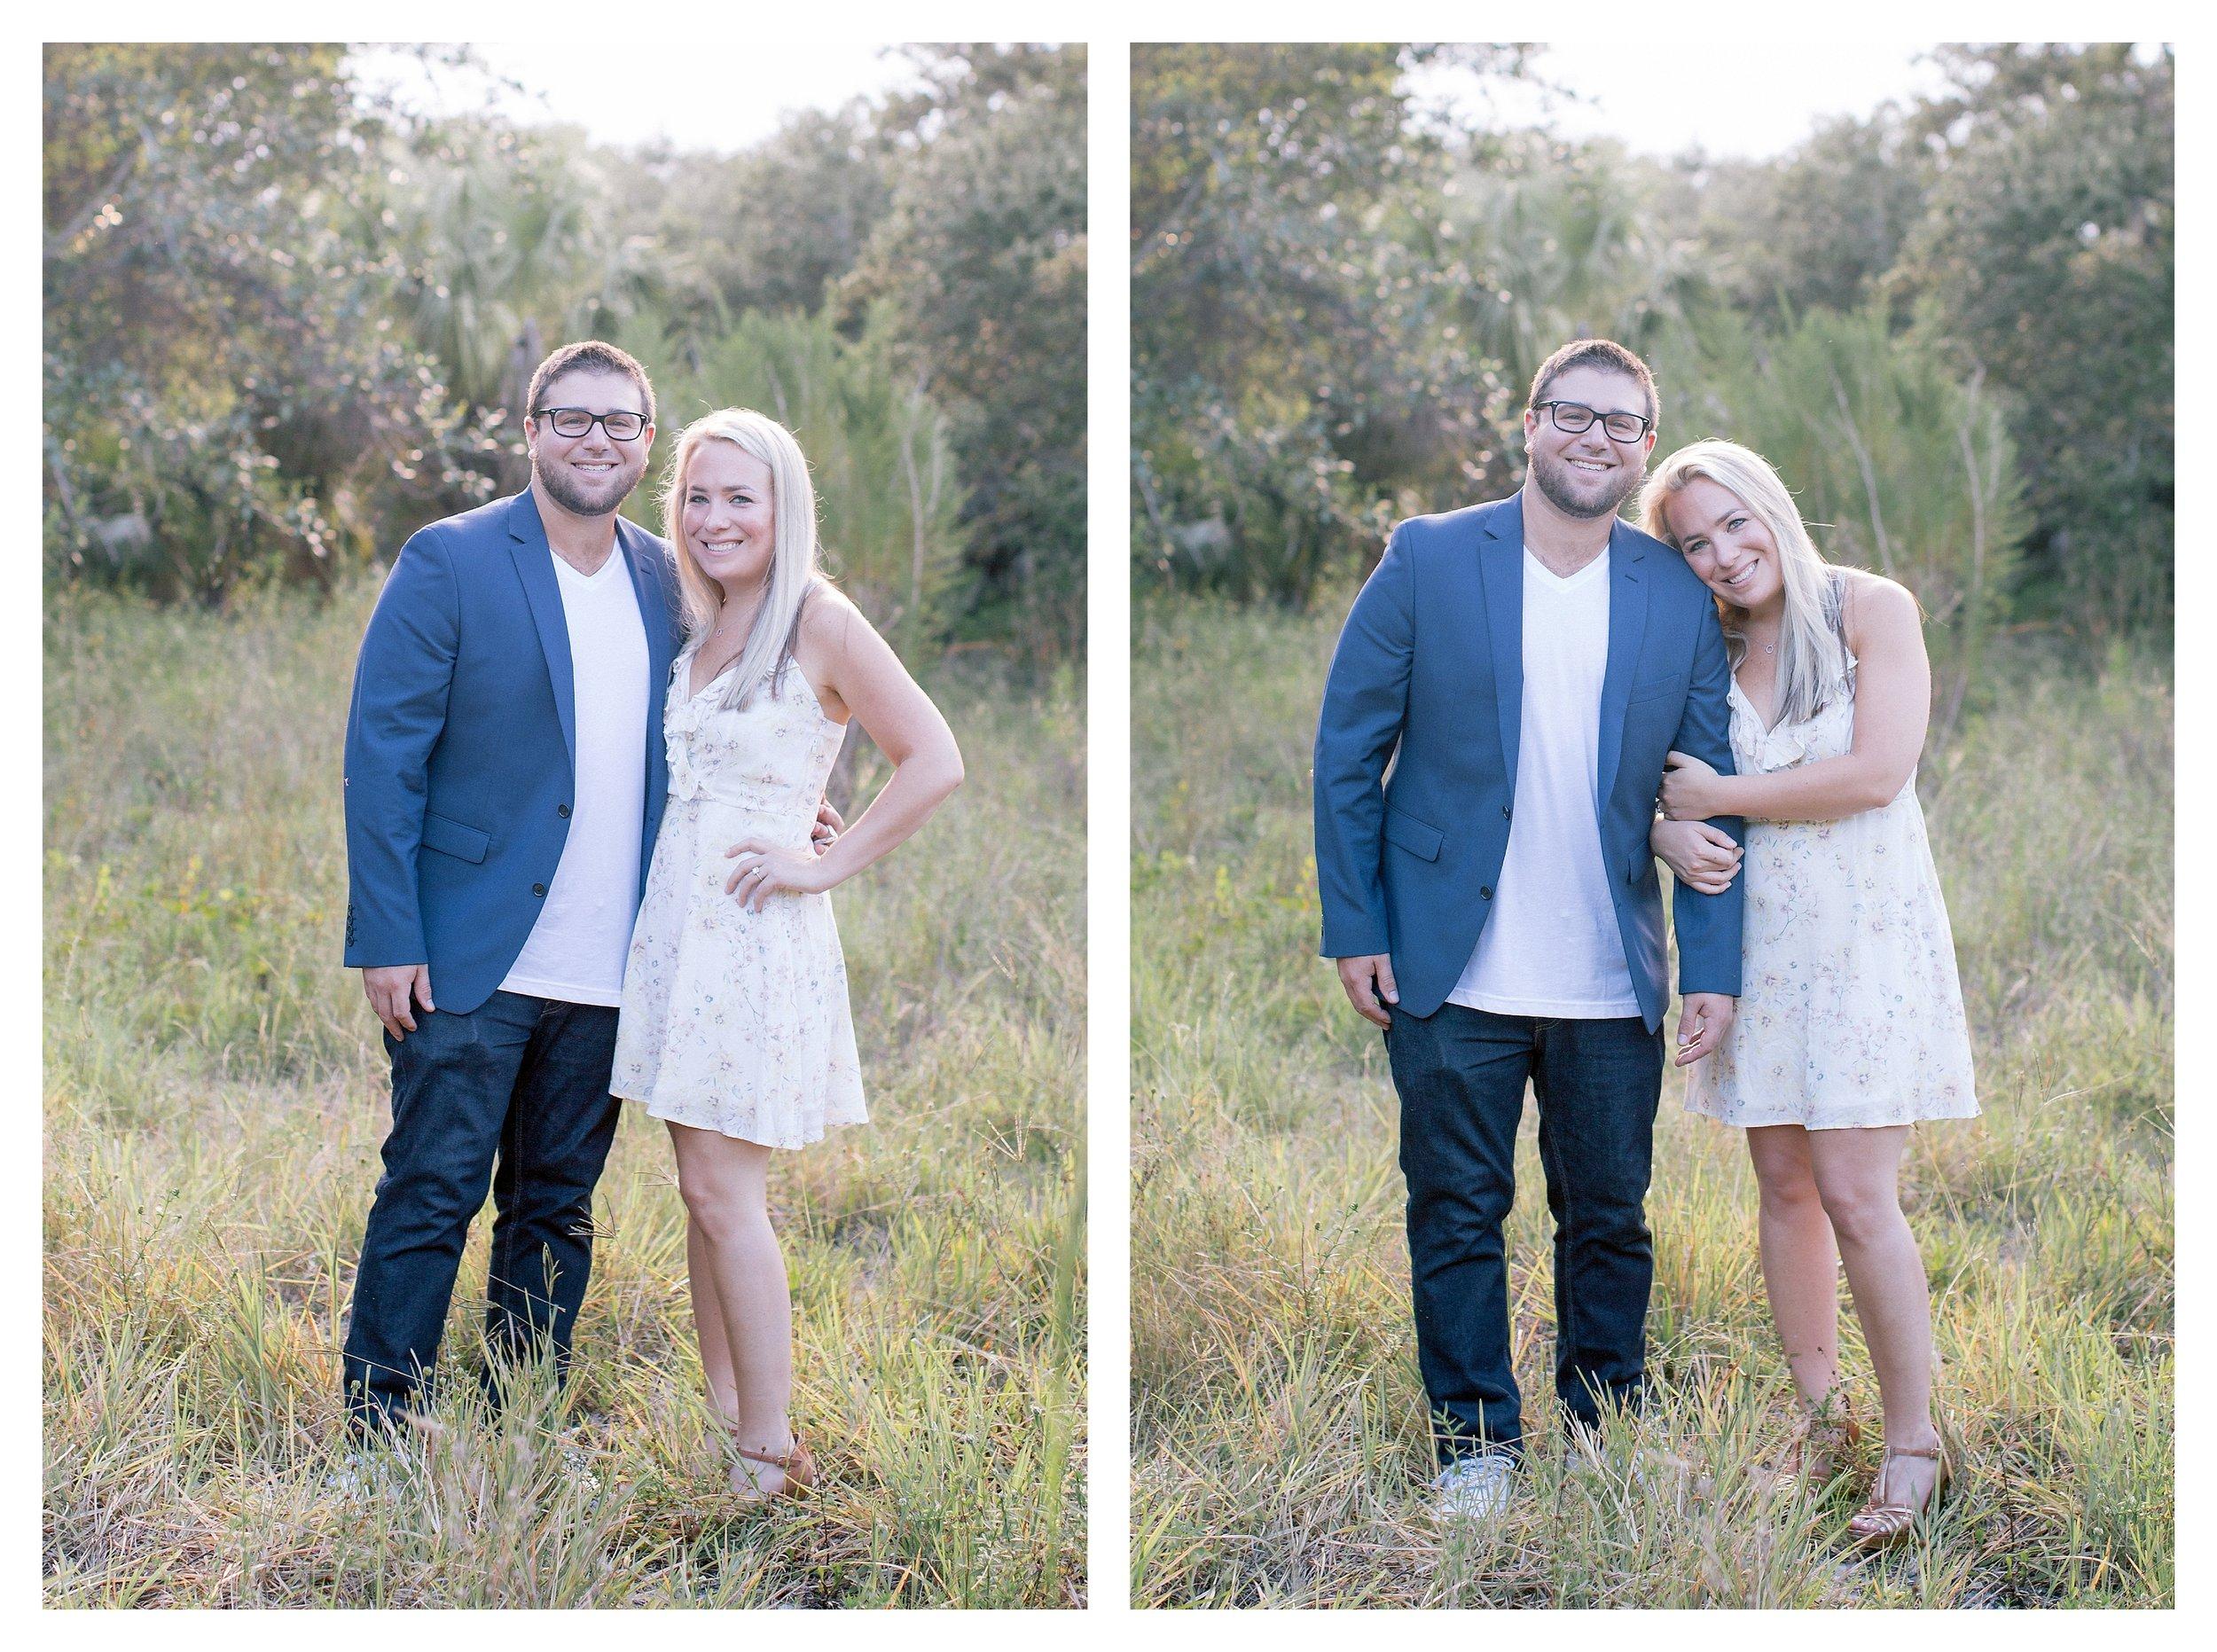 081818_Steven and Lindsay_Blog_01.JPG